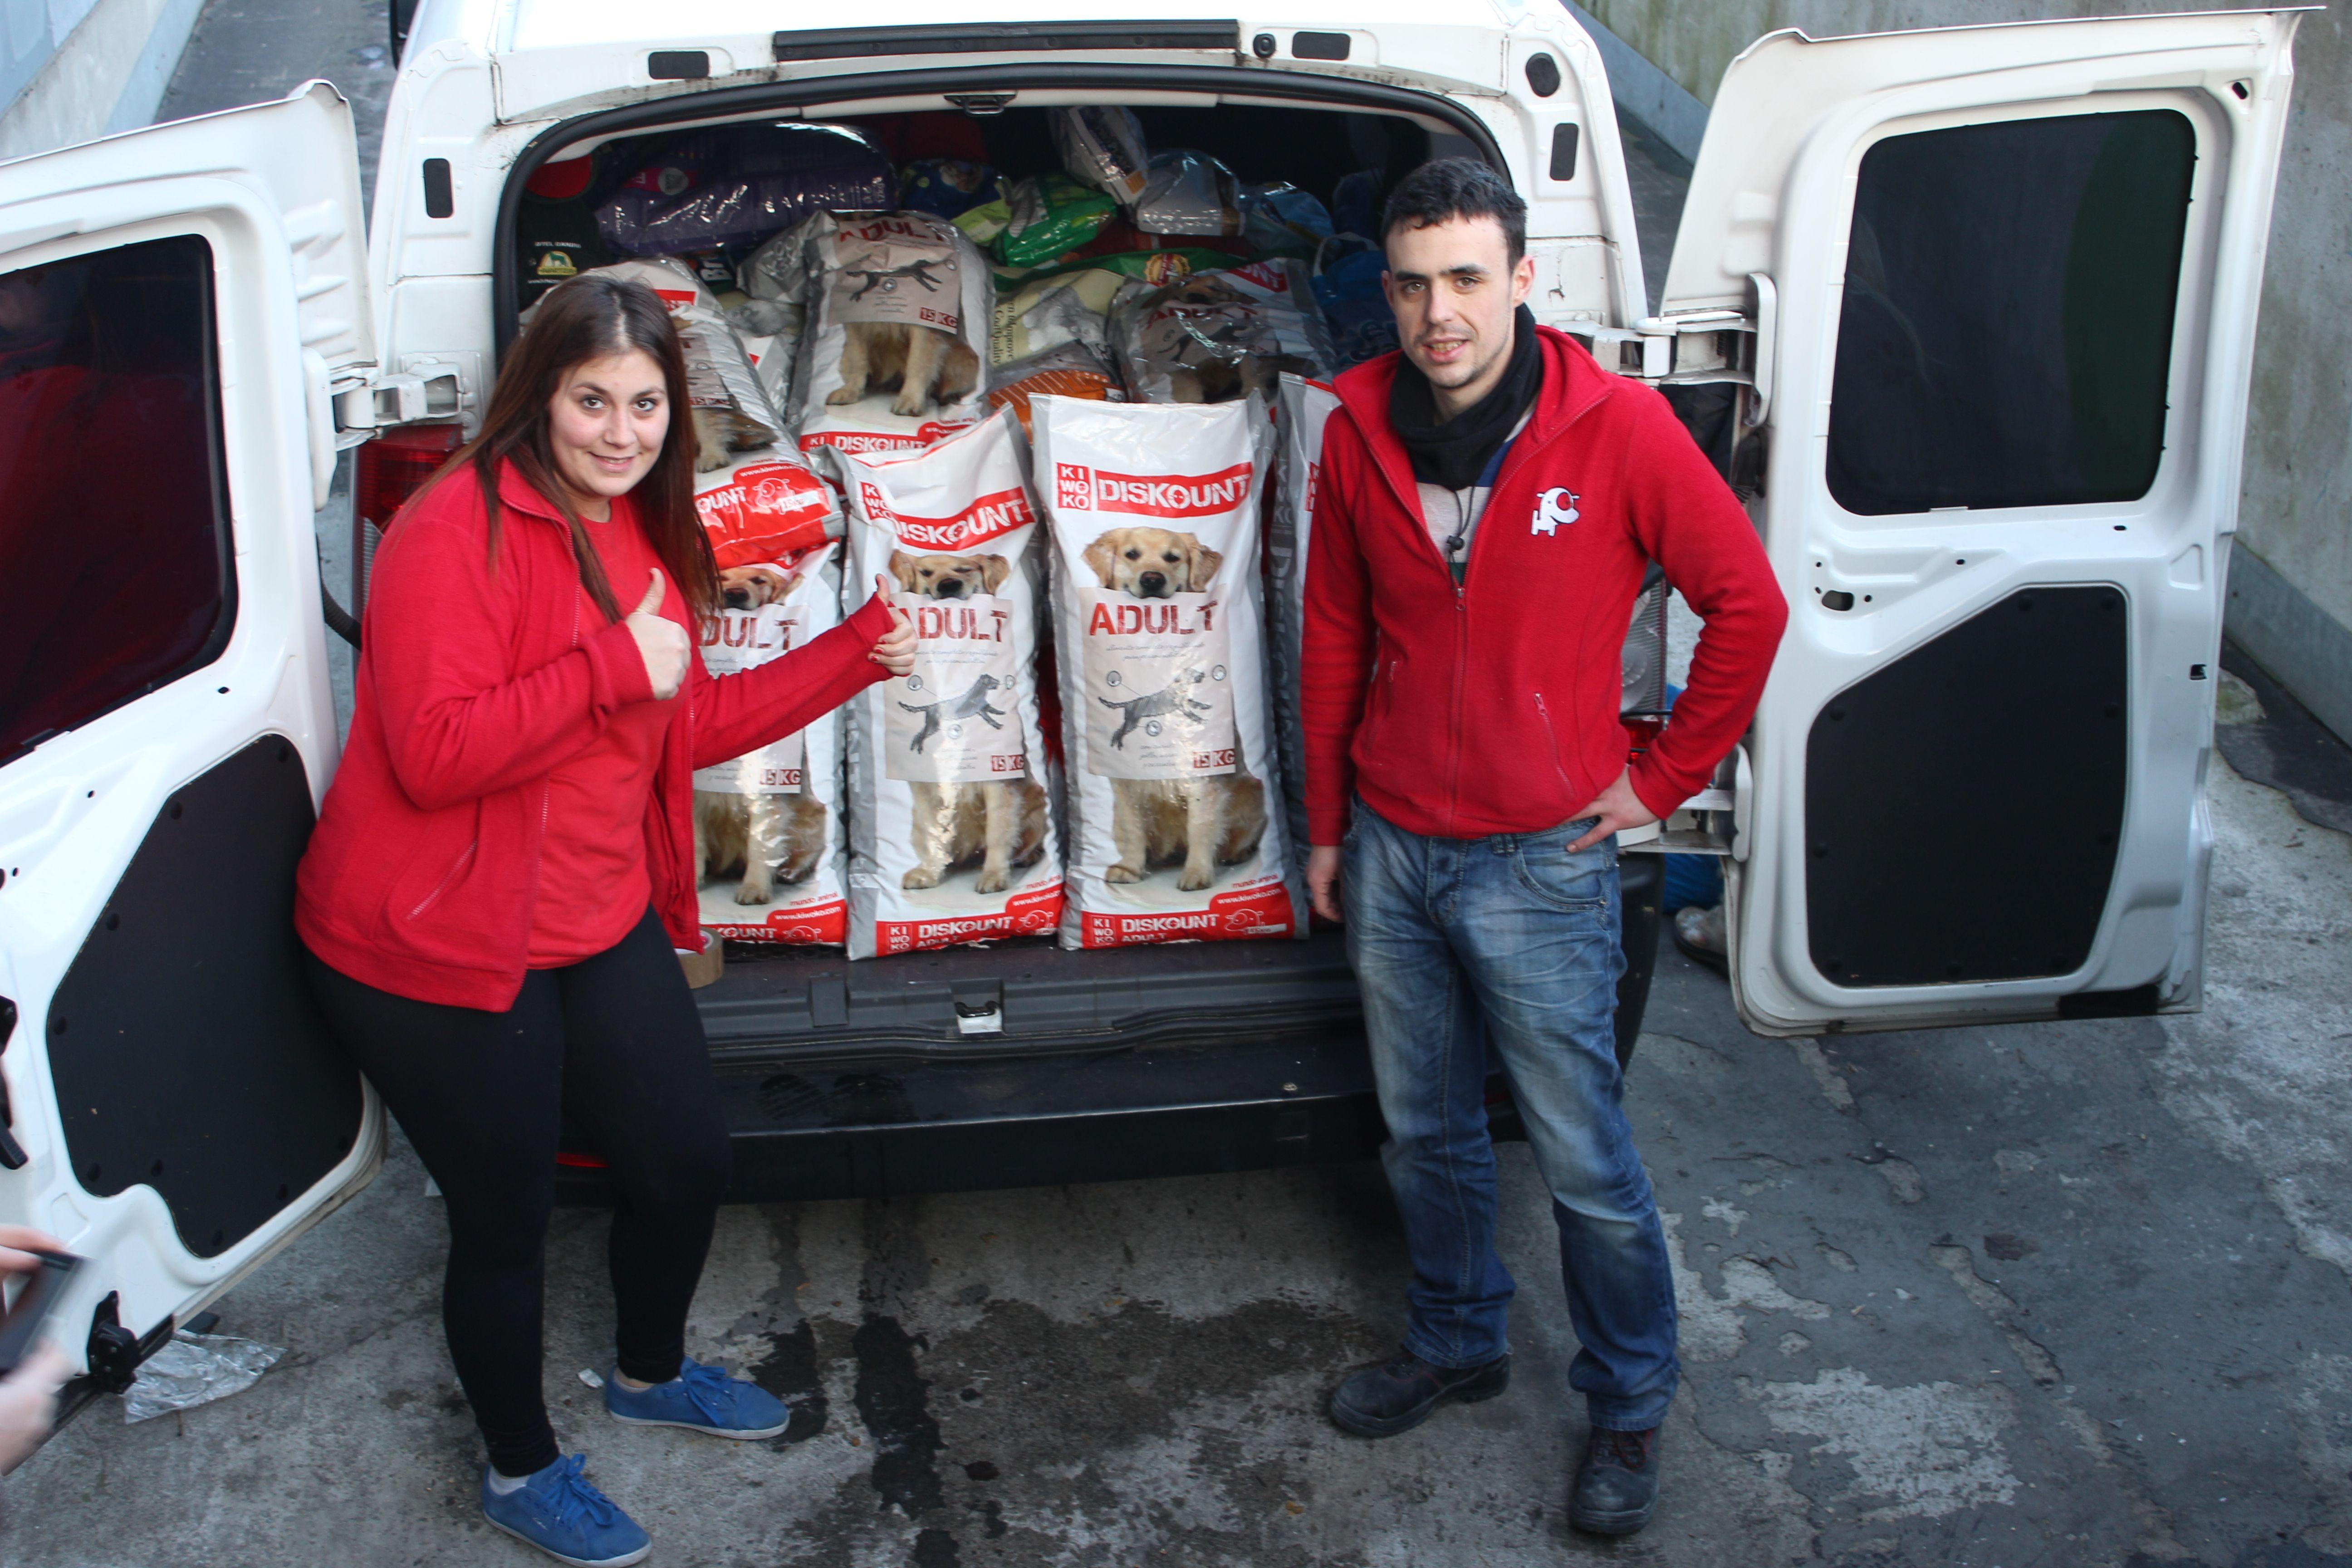 Kiwoko Bilbao Donacion A Puppy Bilbao Con Imagenes Tienda De